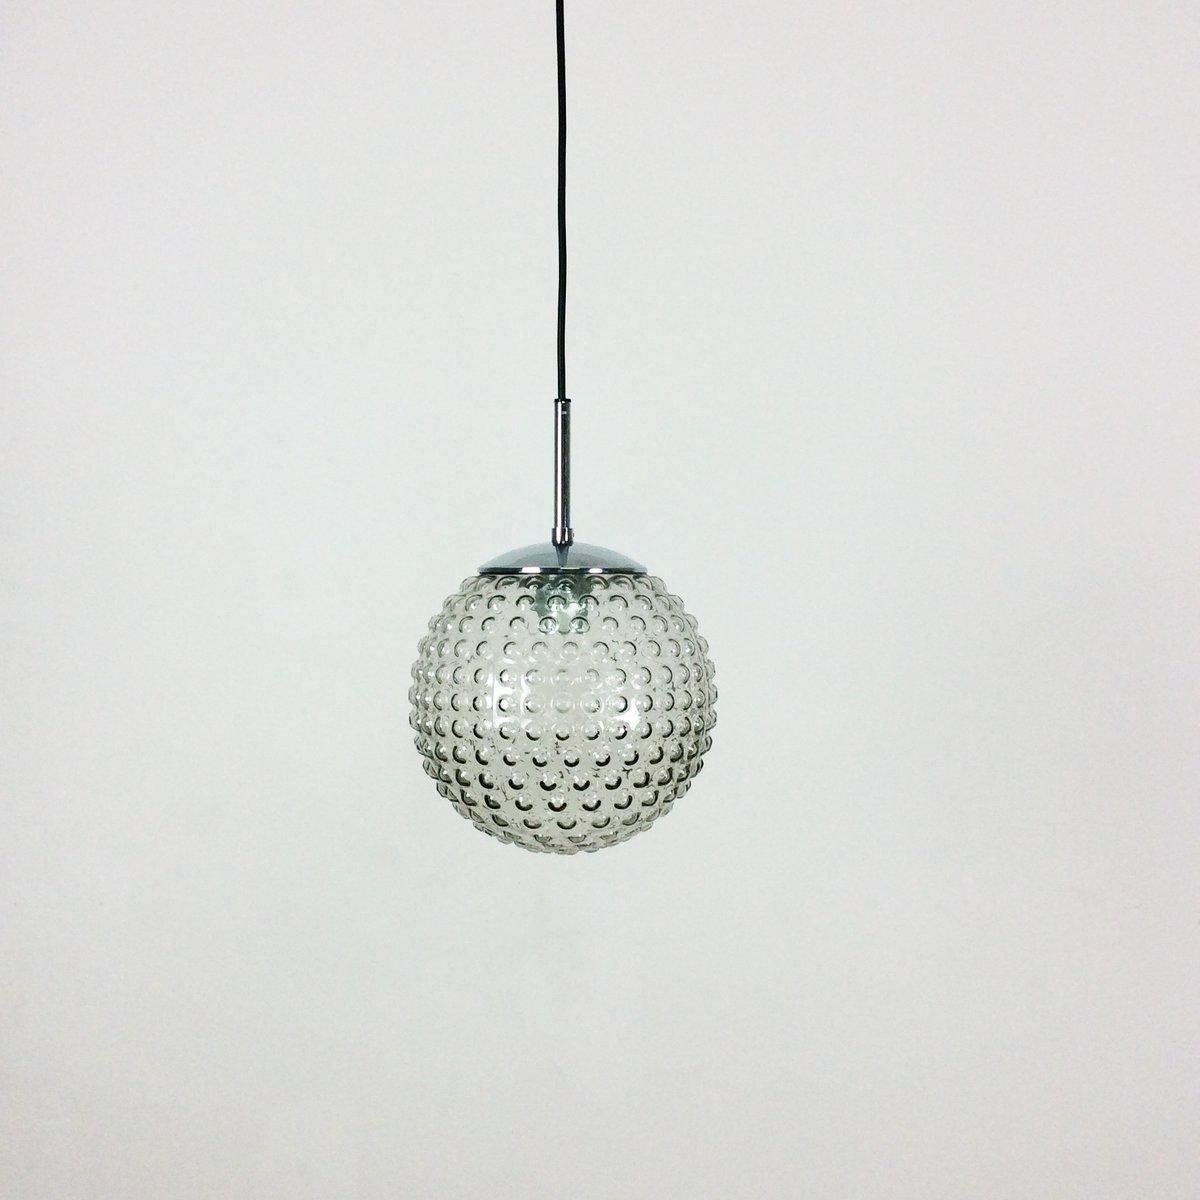 Hängelampe aus Sideglas von Motoko Ishii & Rolf Krüger für Staff Light...